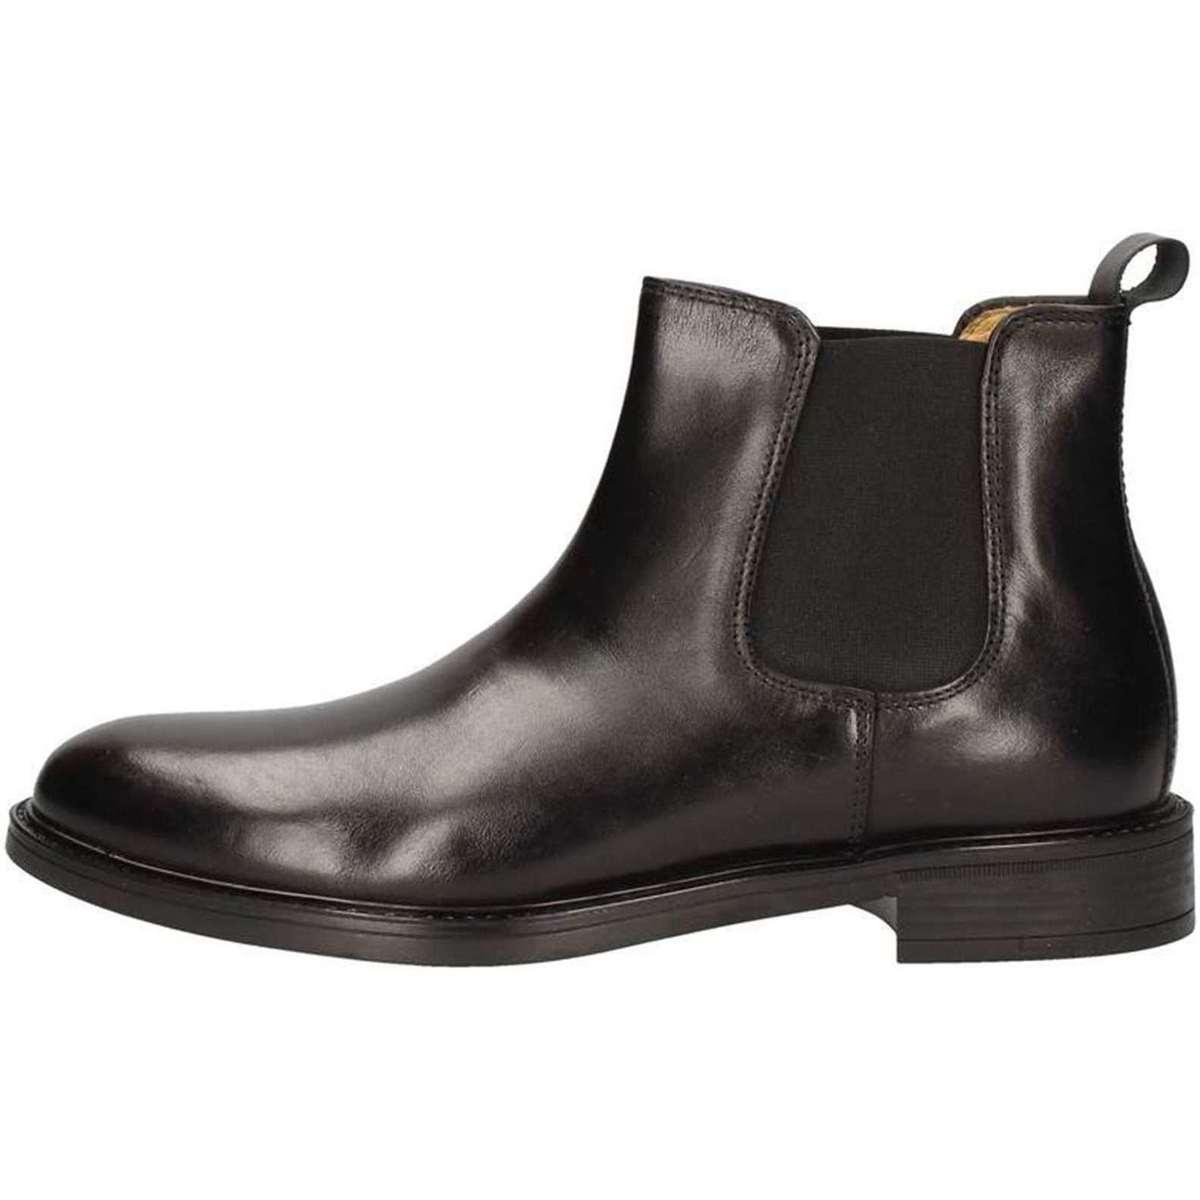 Hudson 740 Stiefeletten Mann Schwarz Schwarz - Schuhe Klassische Stiefel Herren 100,20 €